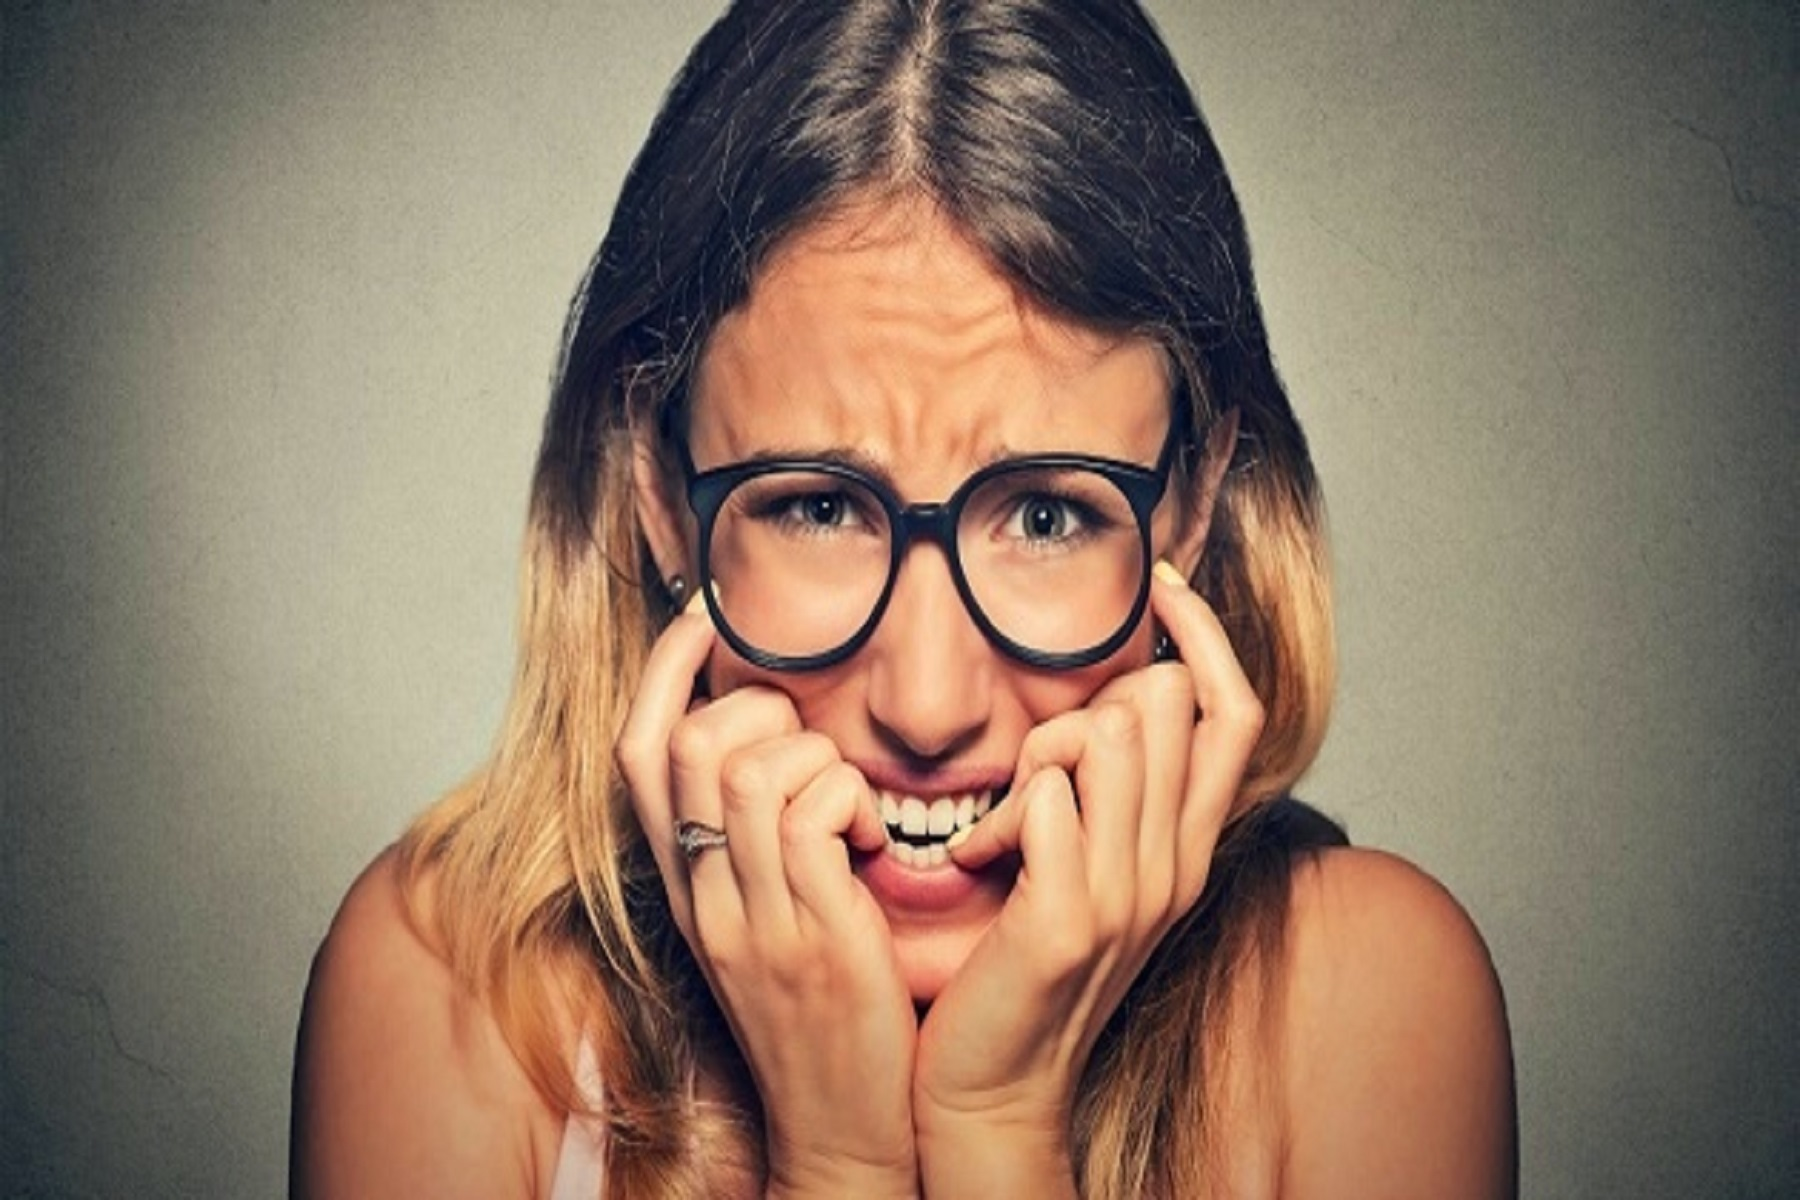 Ανησυχία Άγχος: Τρόποι που βοηθούν να τα ξεχωρίσουμε για μια αποτελεσματική αντιμετώπιση